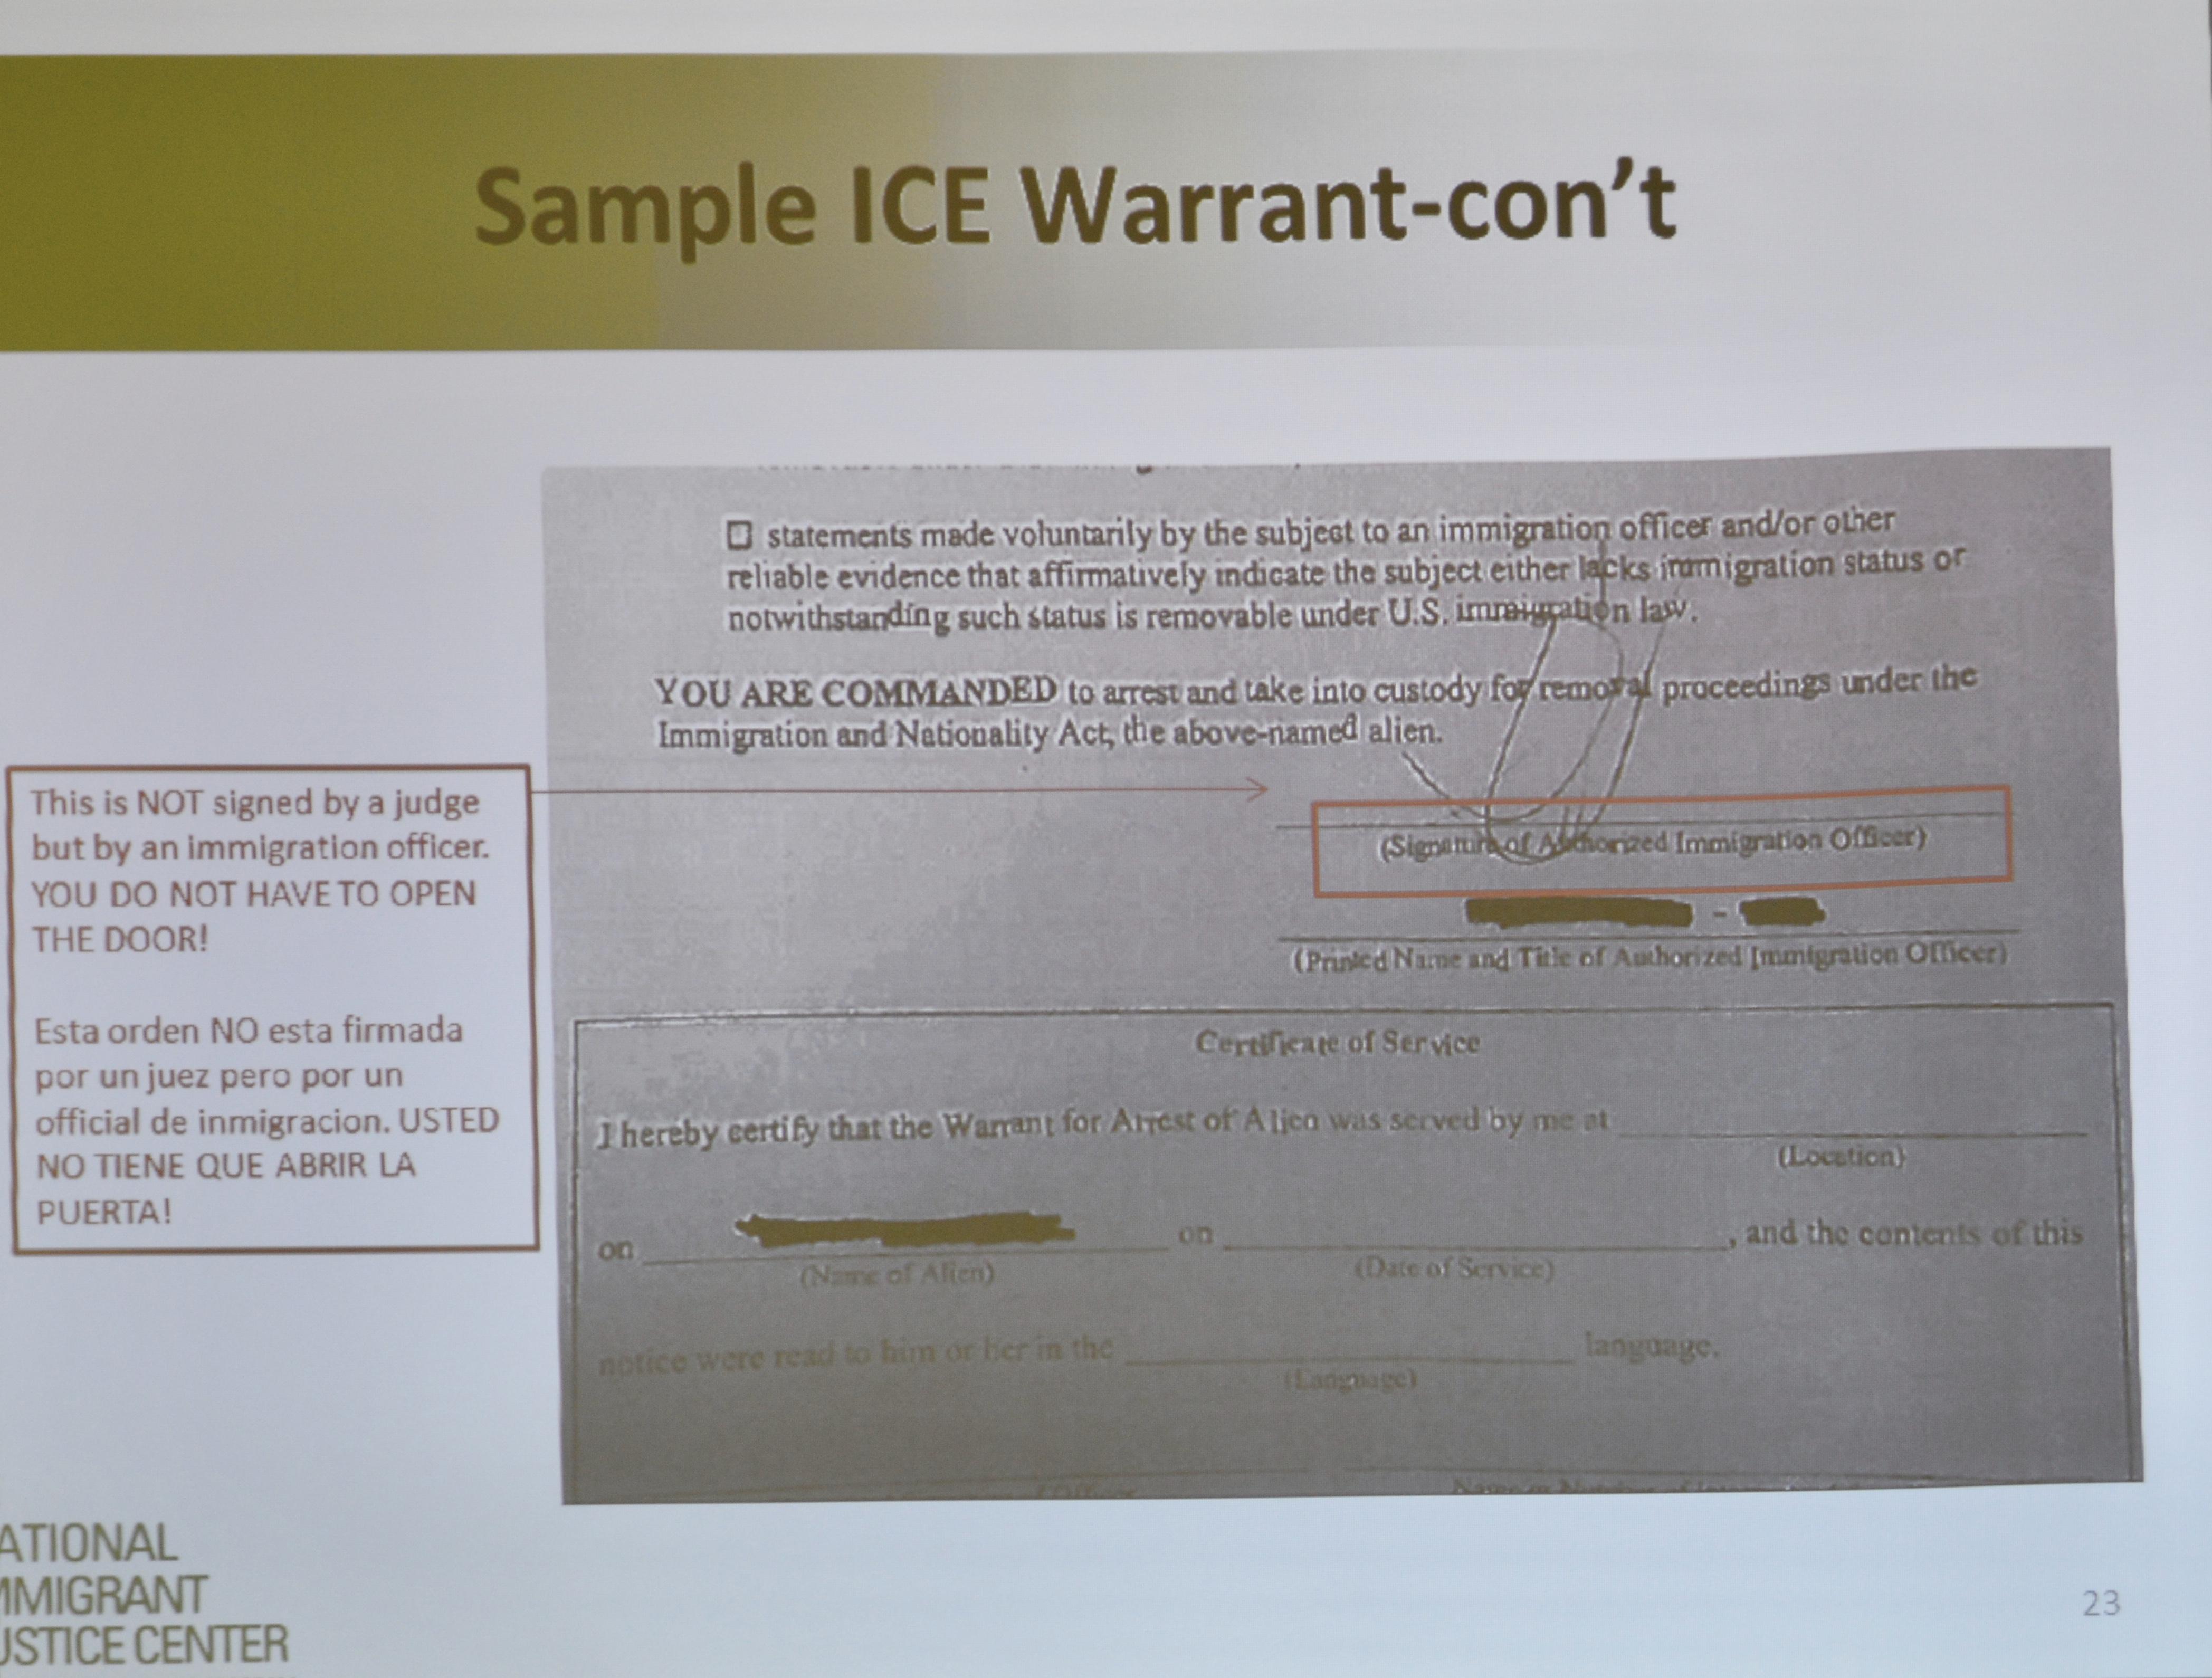 全美移民公義中心法務專員拉莫斯指出,如果逮捕人員出示的是移民局某位專員簽署的文件,民眾有權不開門。(記者董宇/攝影)